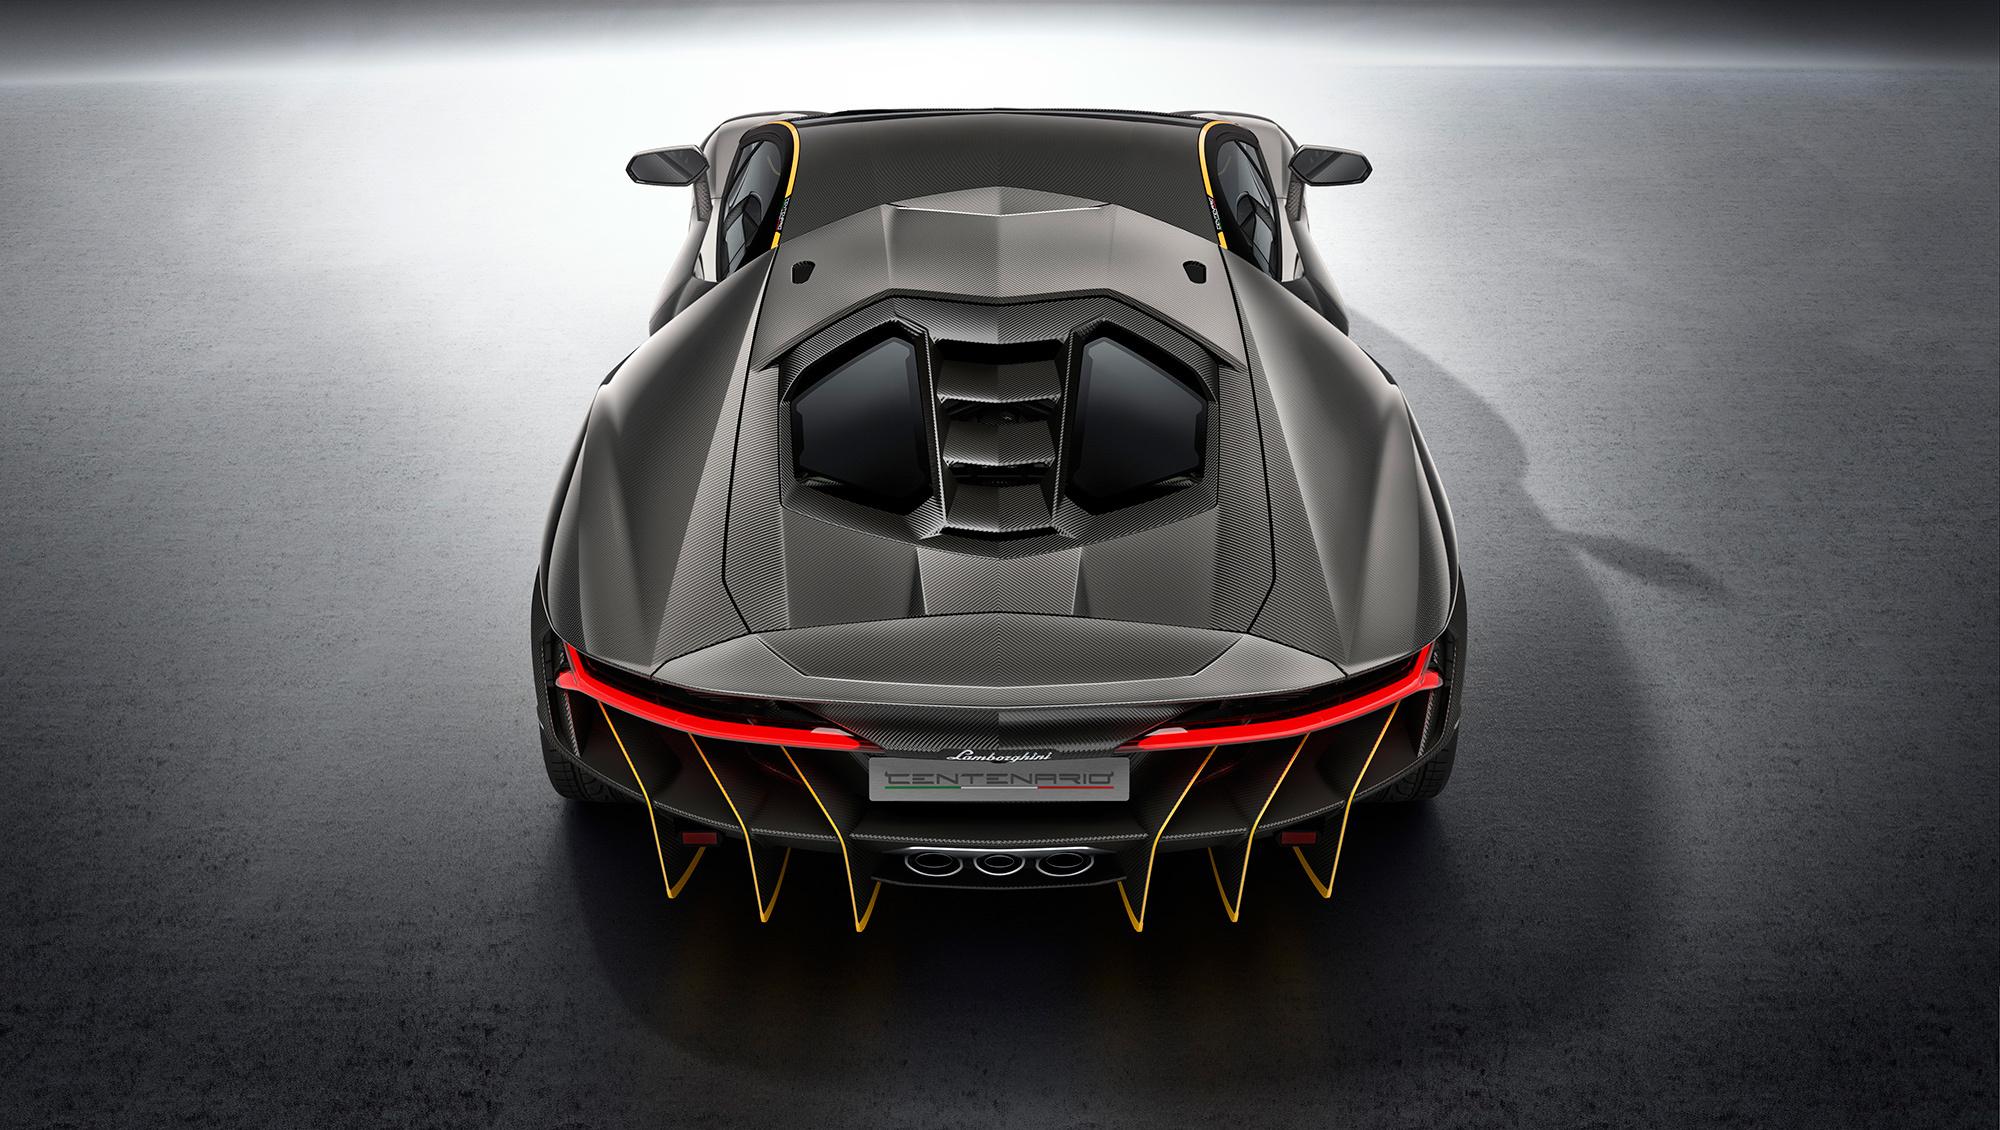 Lamborghini Centenario Widescreen